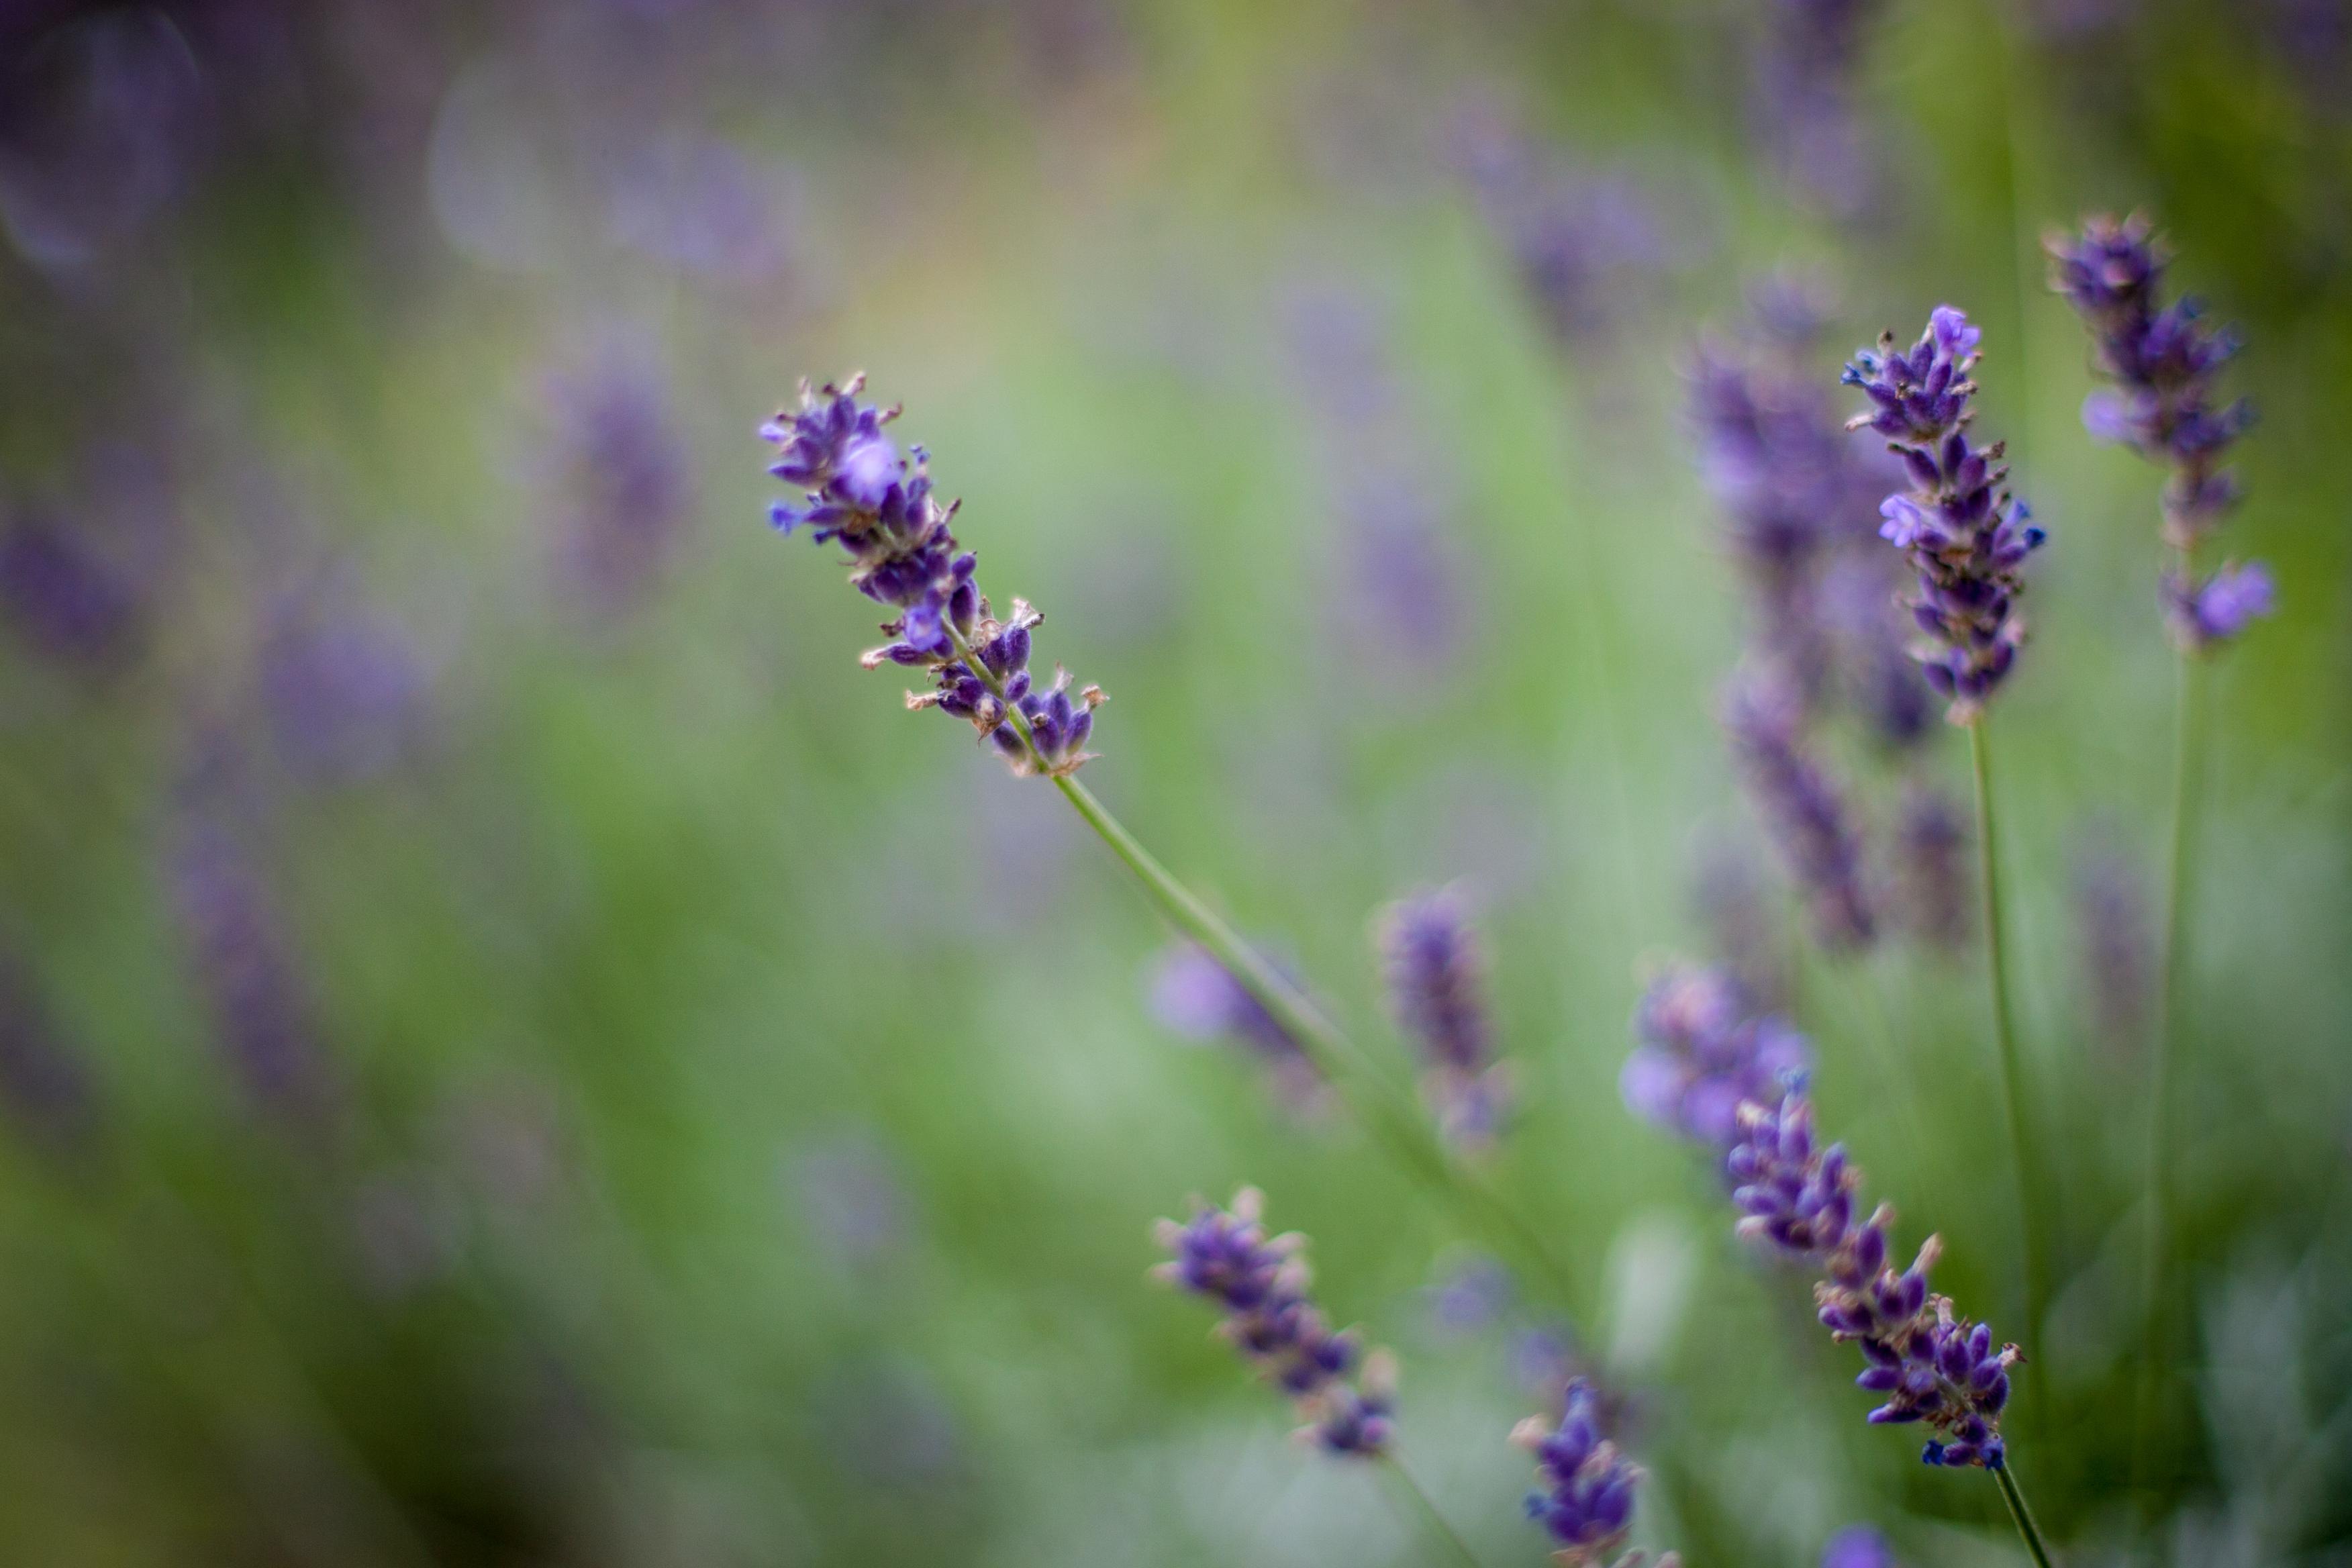 Använd lavendelfröolja med försiktighet eftersom den kan ge allergier. Foto: Agneta Elmegård